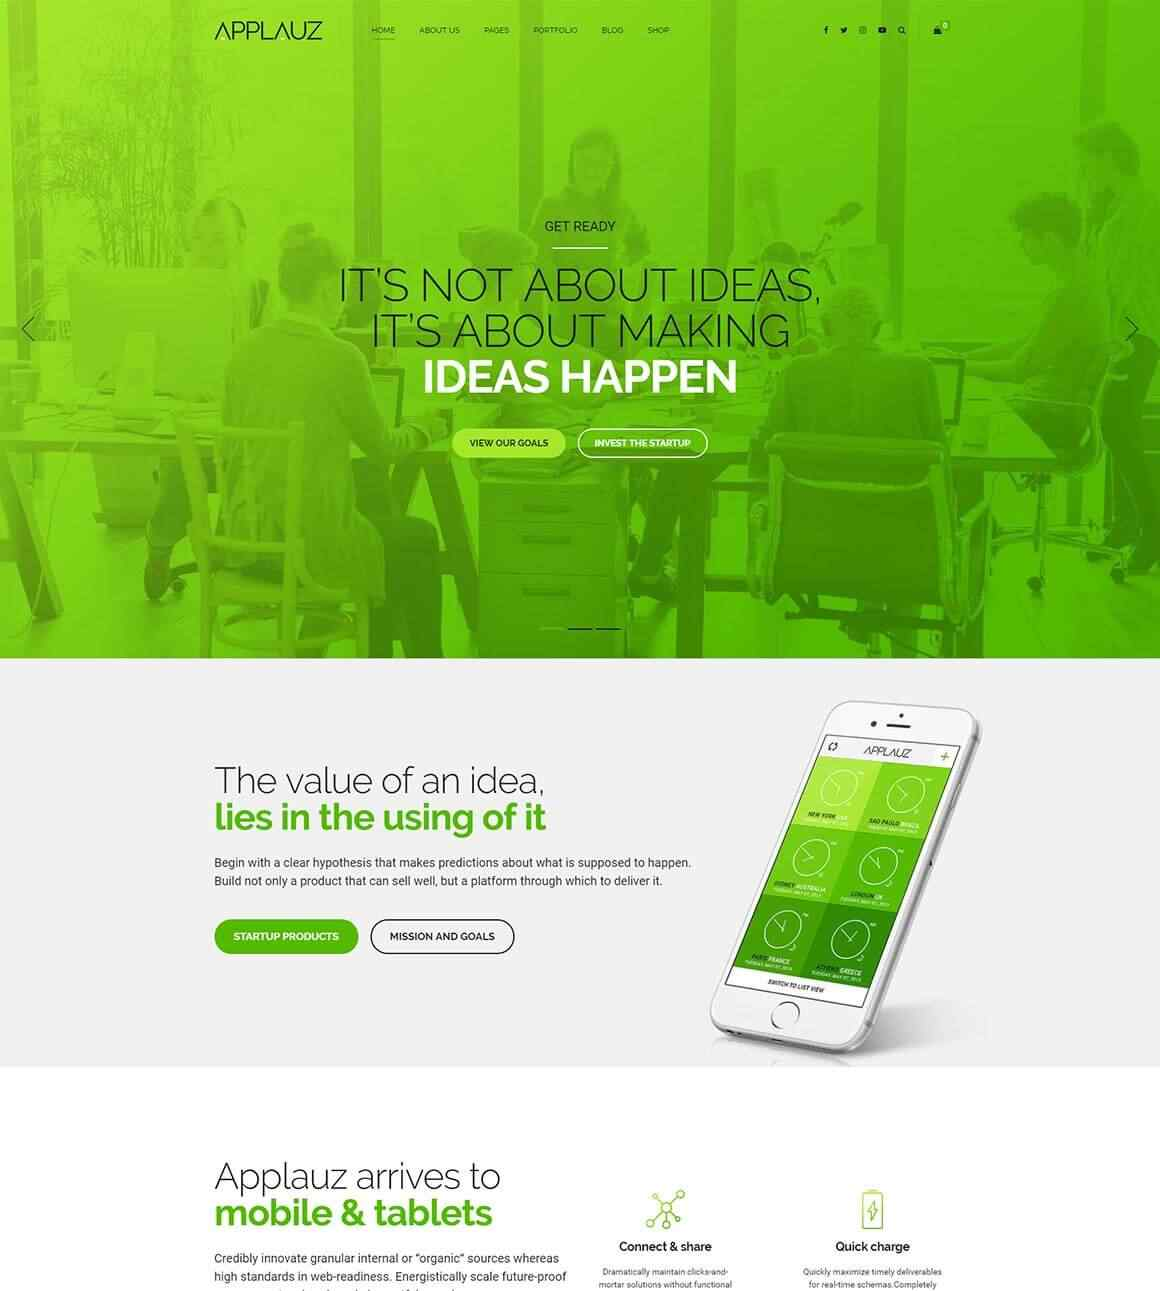 https://www.aktekcr.com/wp-content/uploads/2017/11/Screenshot-Startup.jpg